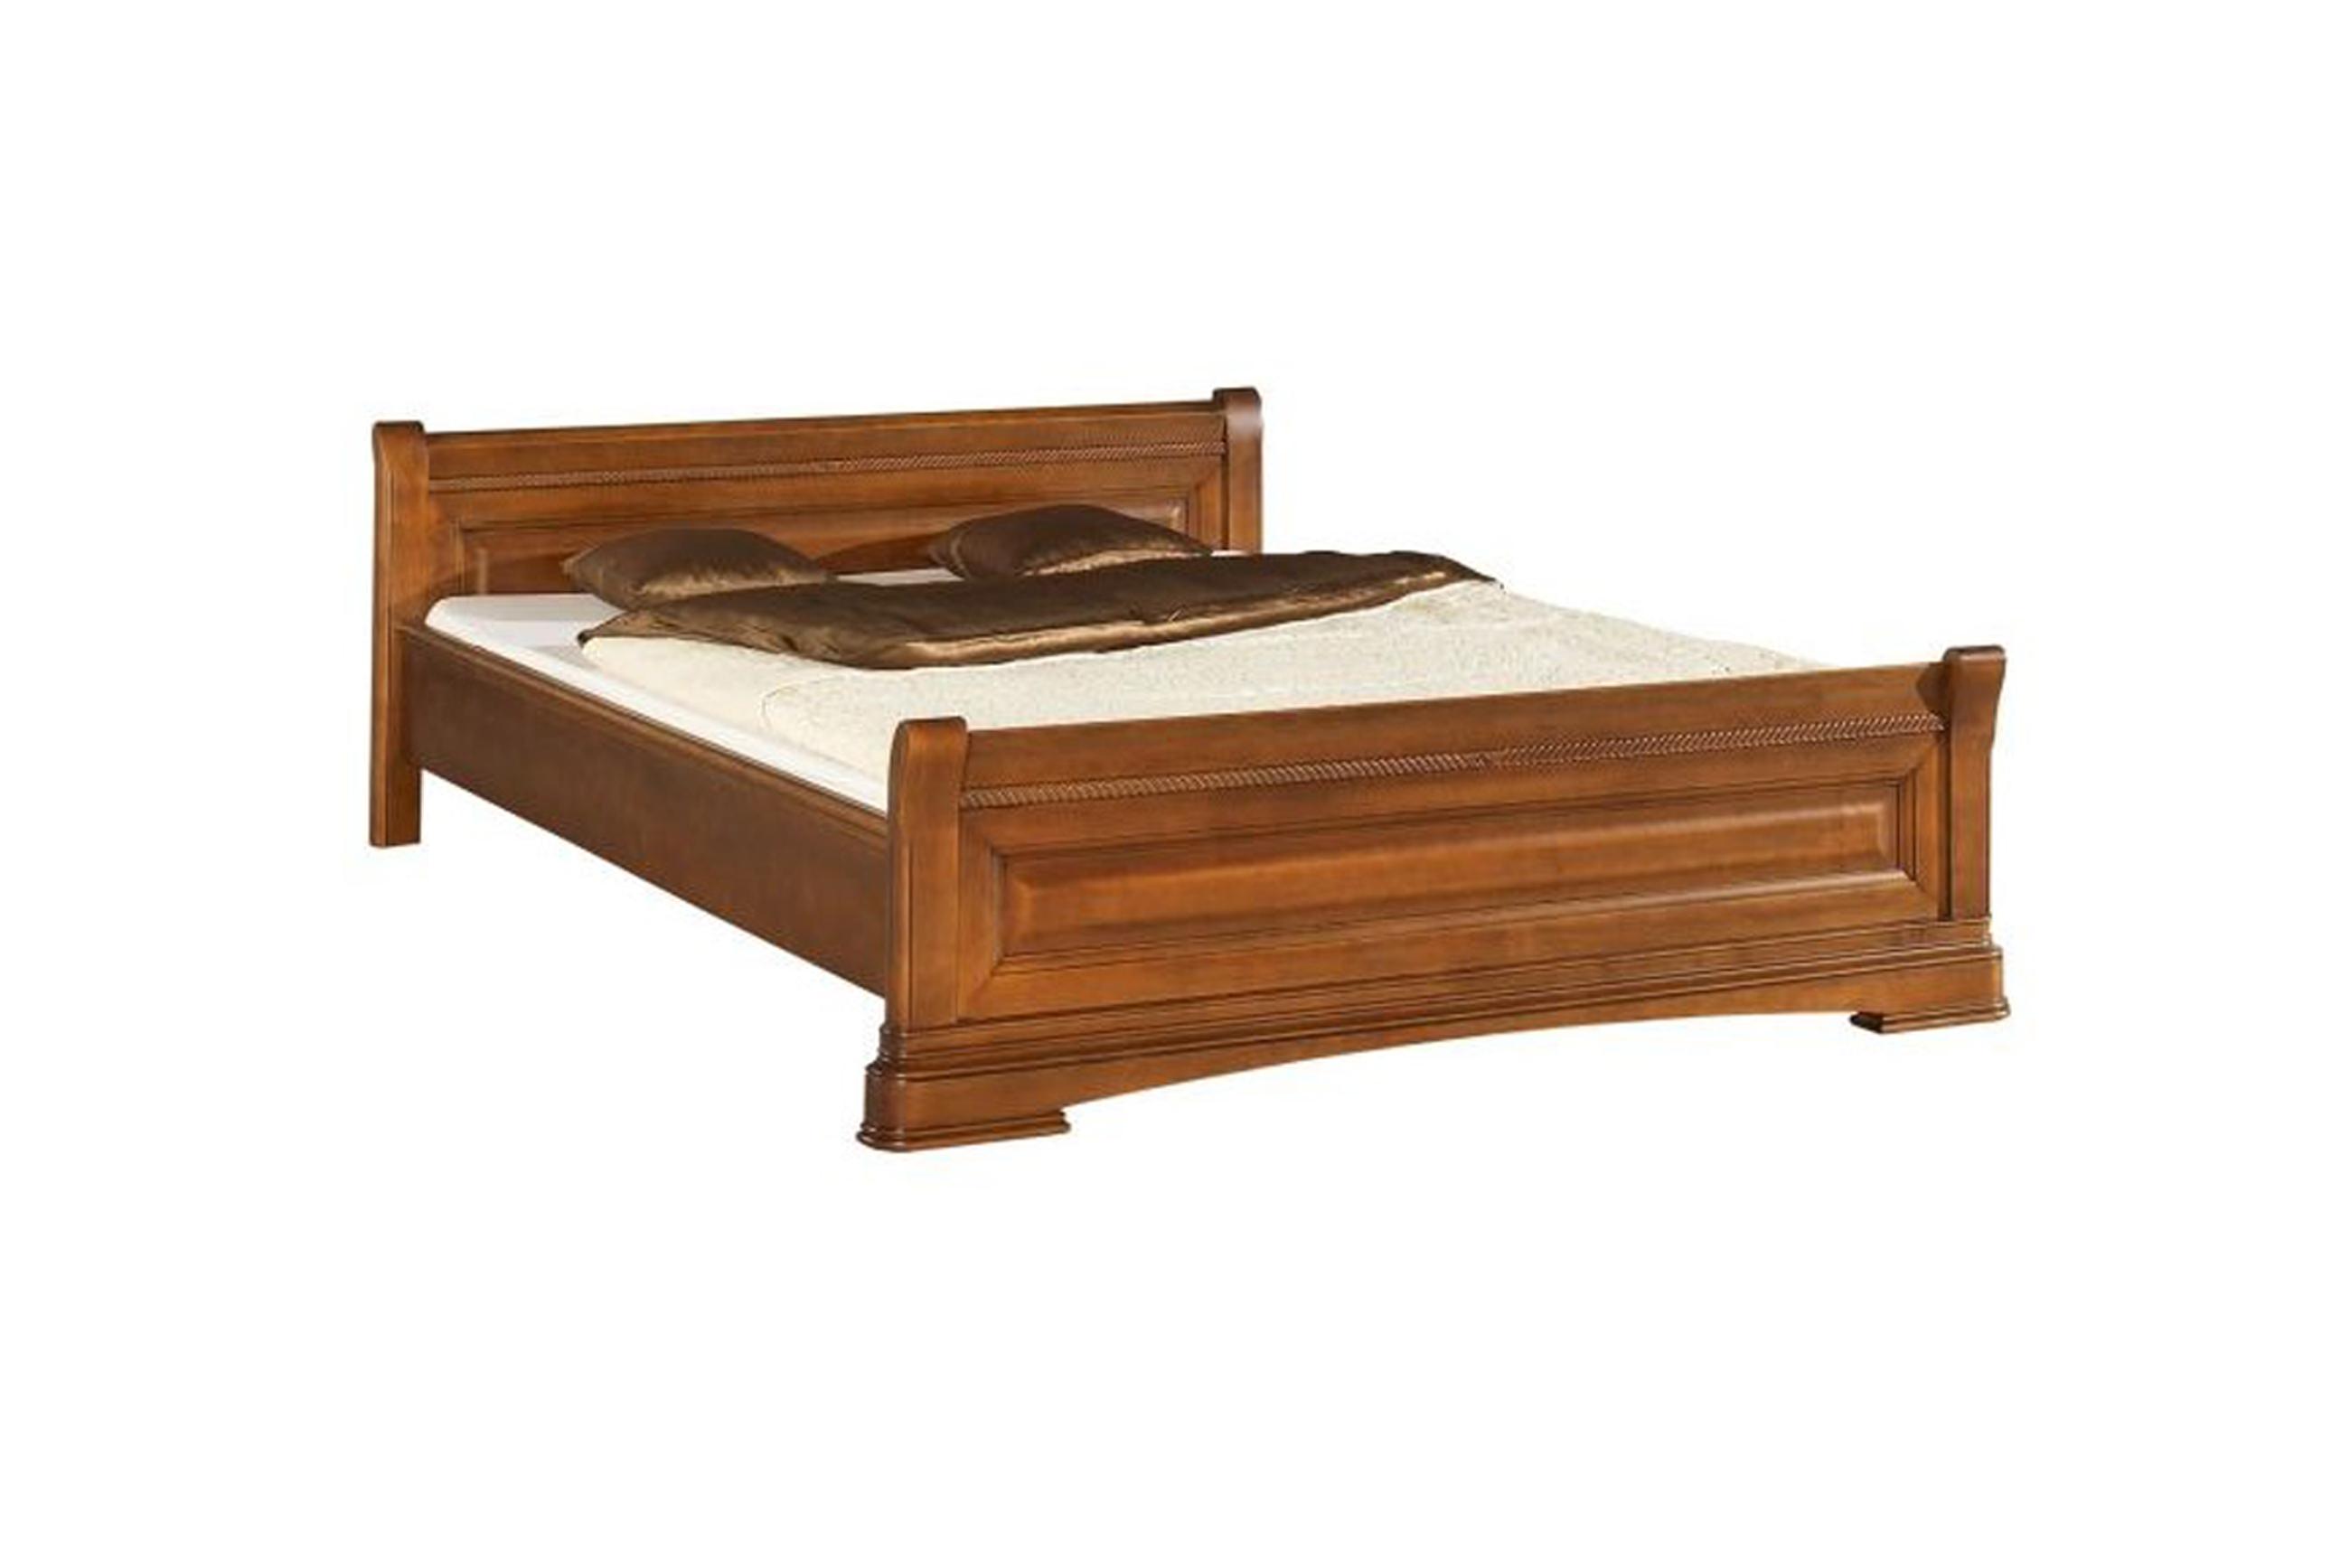 Noblesse Stylowe łóżko Do Sypialni Meble W Stylu Klasycznym